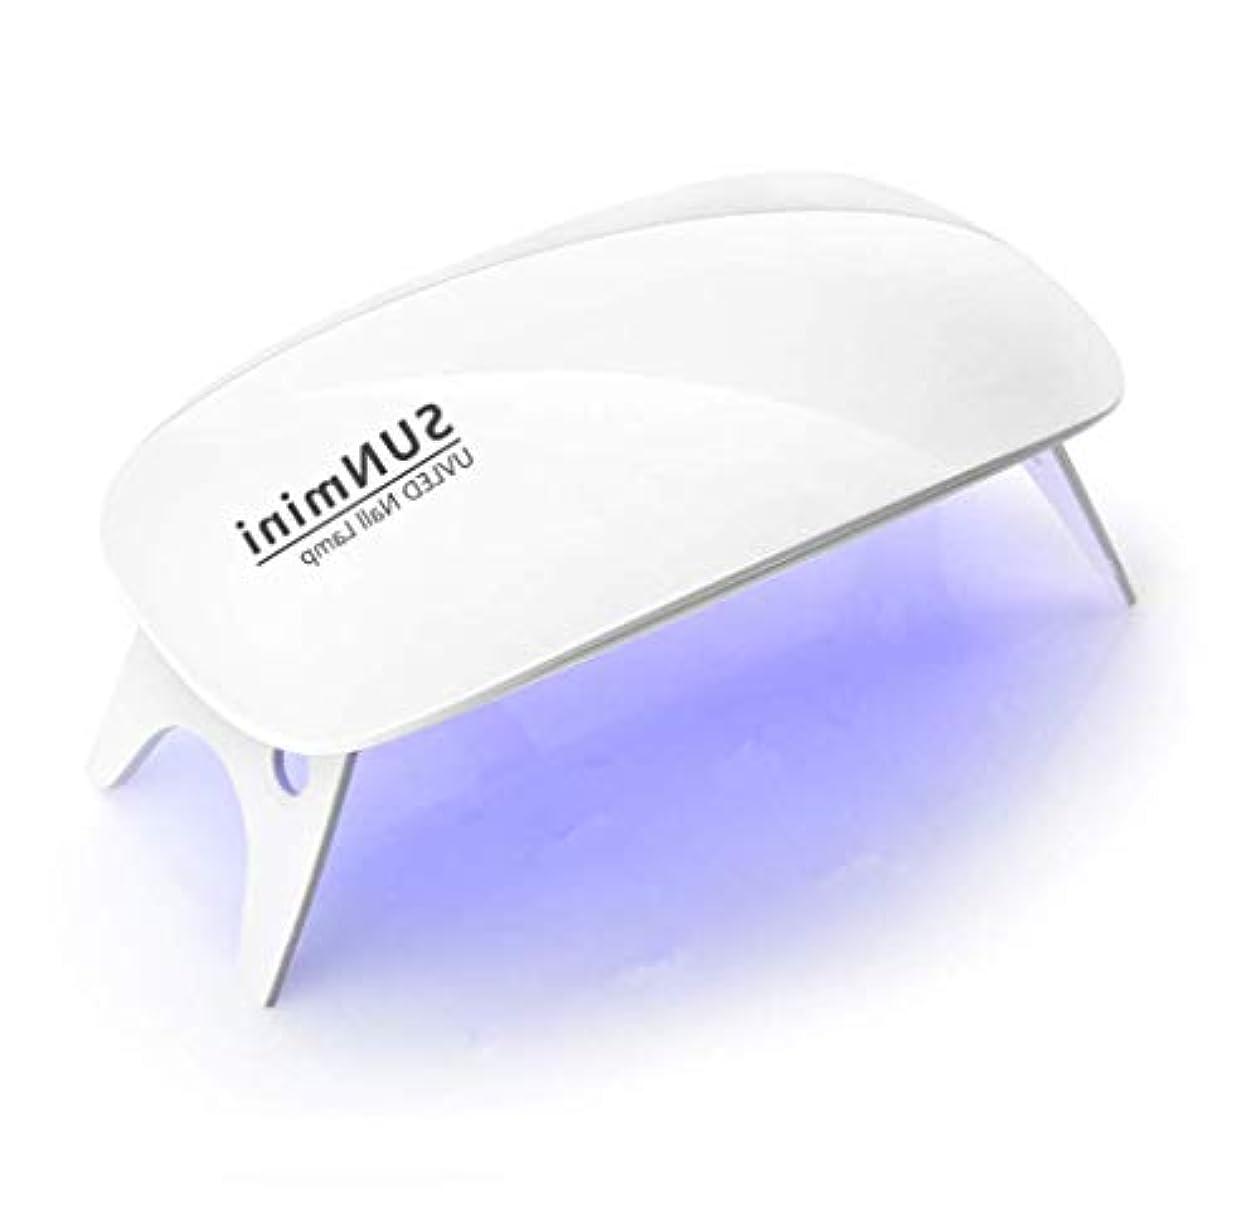 職業歯車誤解を招くLEDネイルドライヤー UV とLEDダブルライト ジェルネイル用 ホワイト UVライト 折りたたみ式 設定可能 タイマー ジェルネイル LED 硬化ライト ホワイト